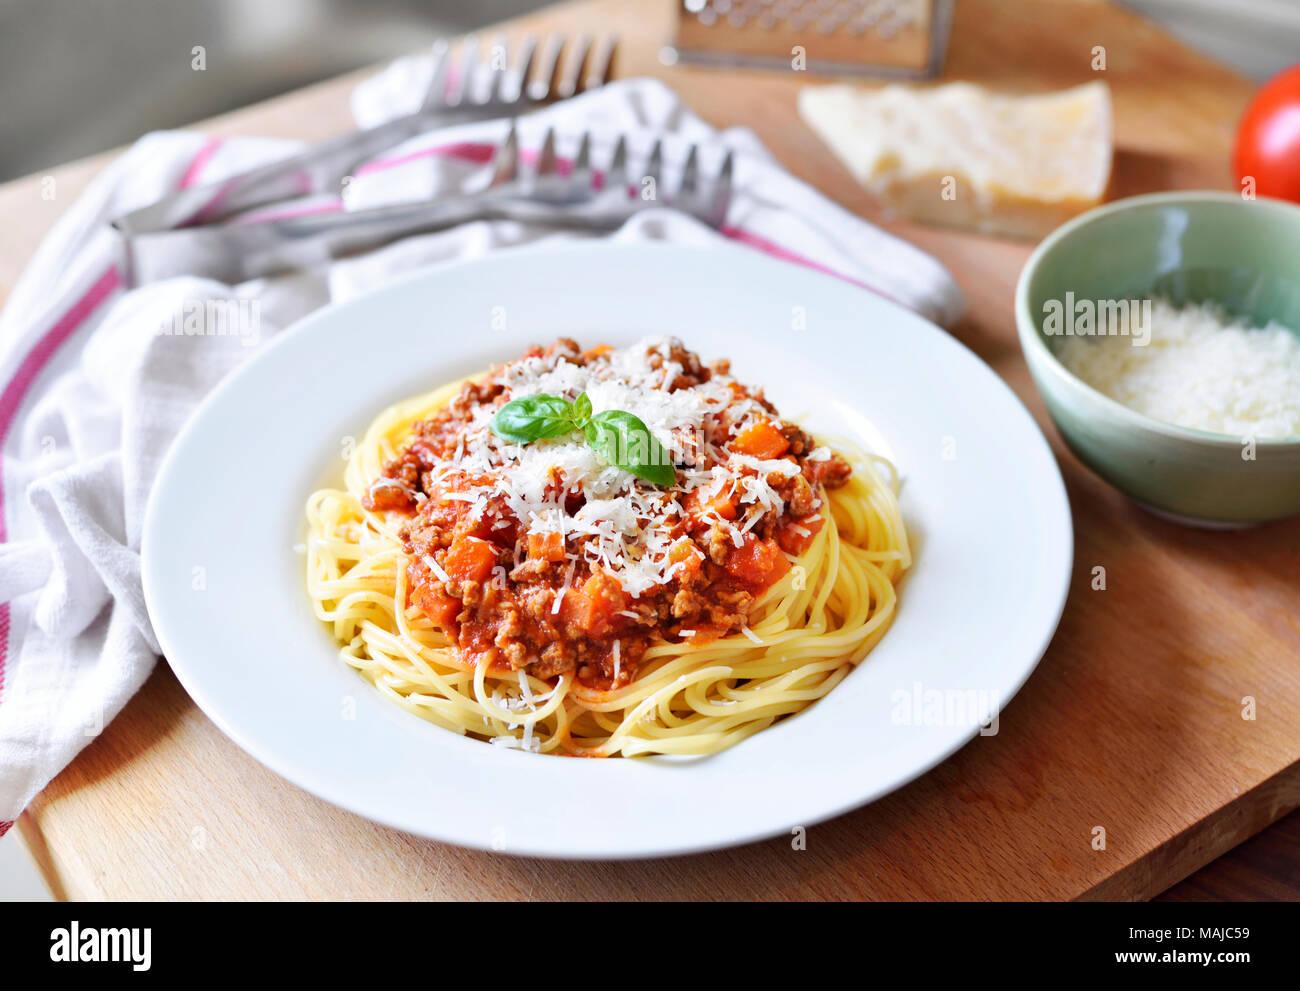 Repas délicieux plats de pâtes, spaghettis à la bolognaise sur une plaque blanche. Plat de pâtes, cuisine italienne traditionnelle avec le parmesan, les viandes hachées et feuille de basilic. Photo Stock